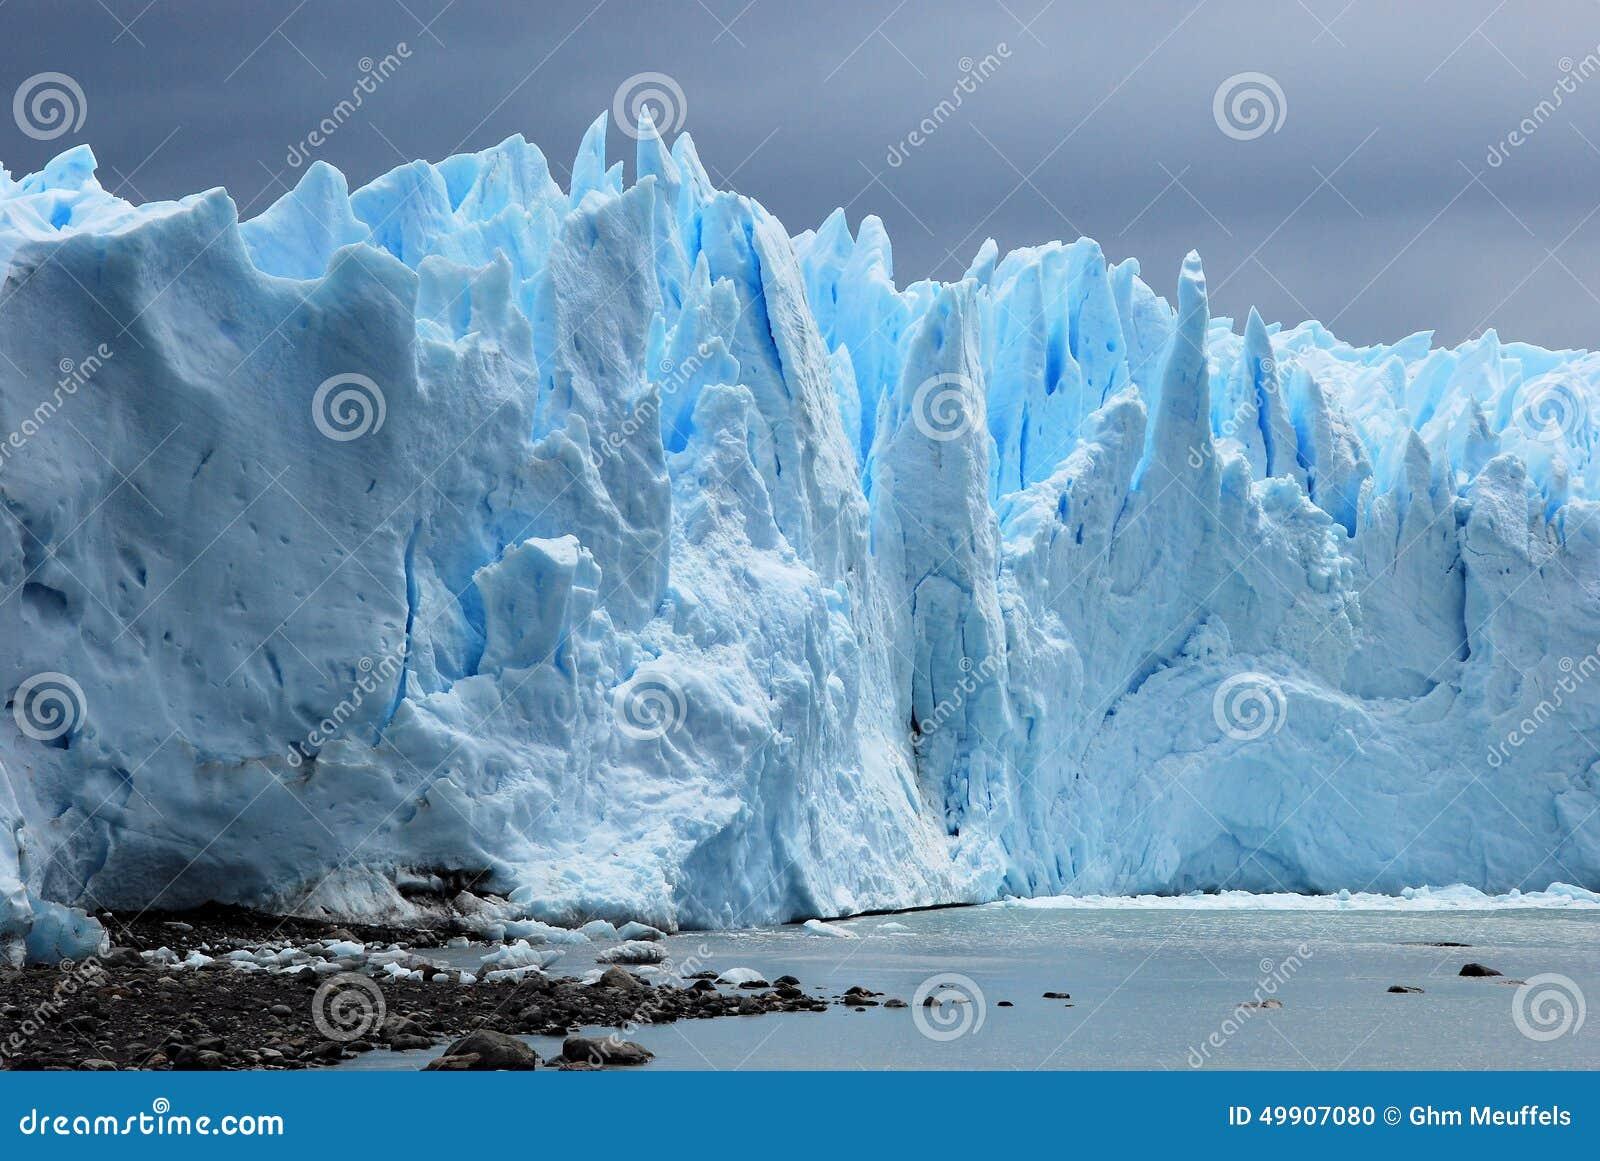 从阿根廷湖-阿根廷看见的冰河冰佩里托莫雷诺冰川